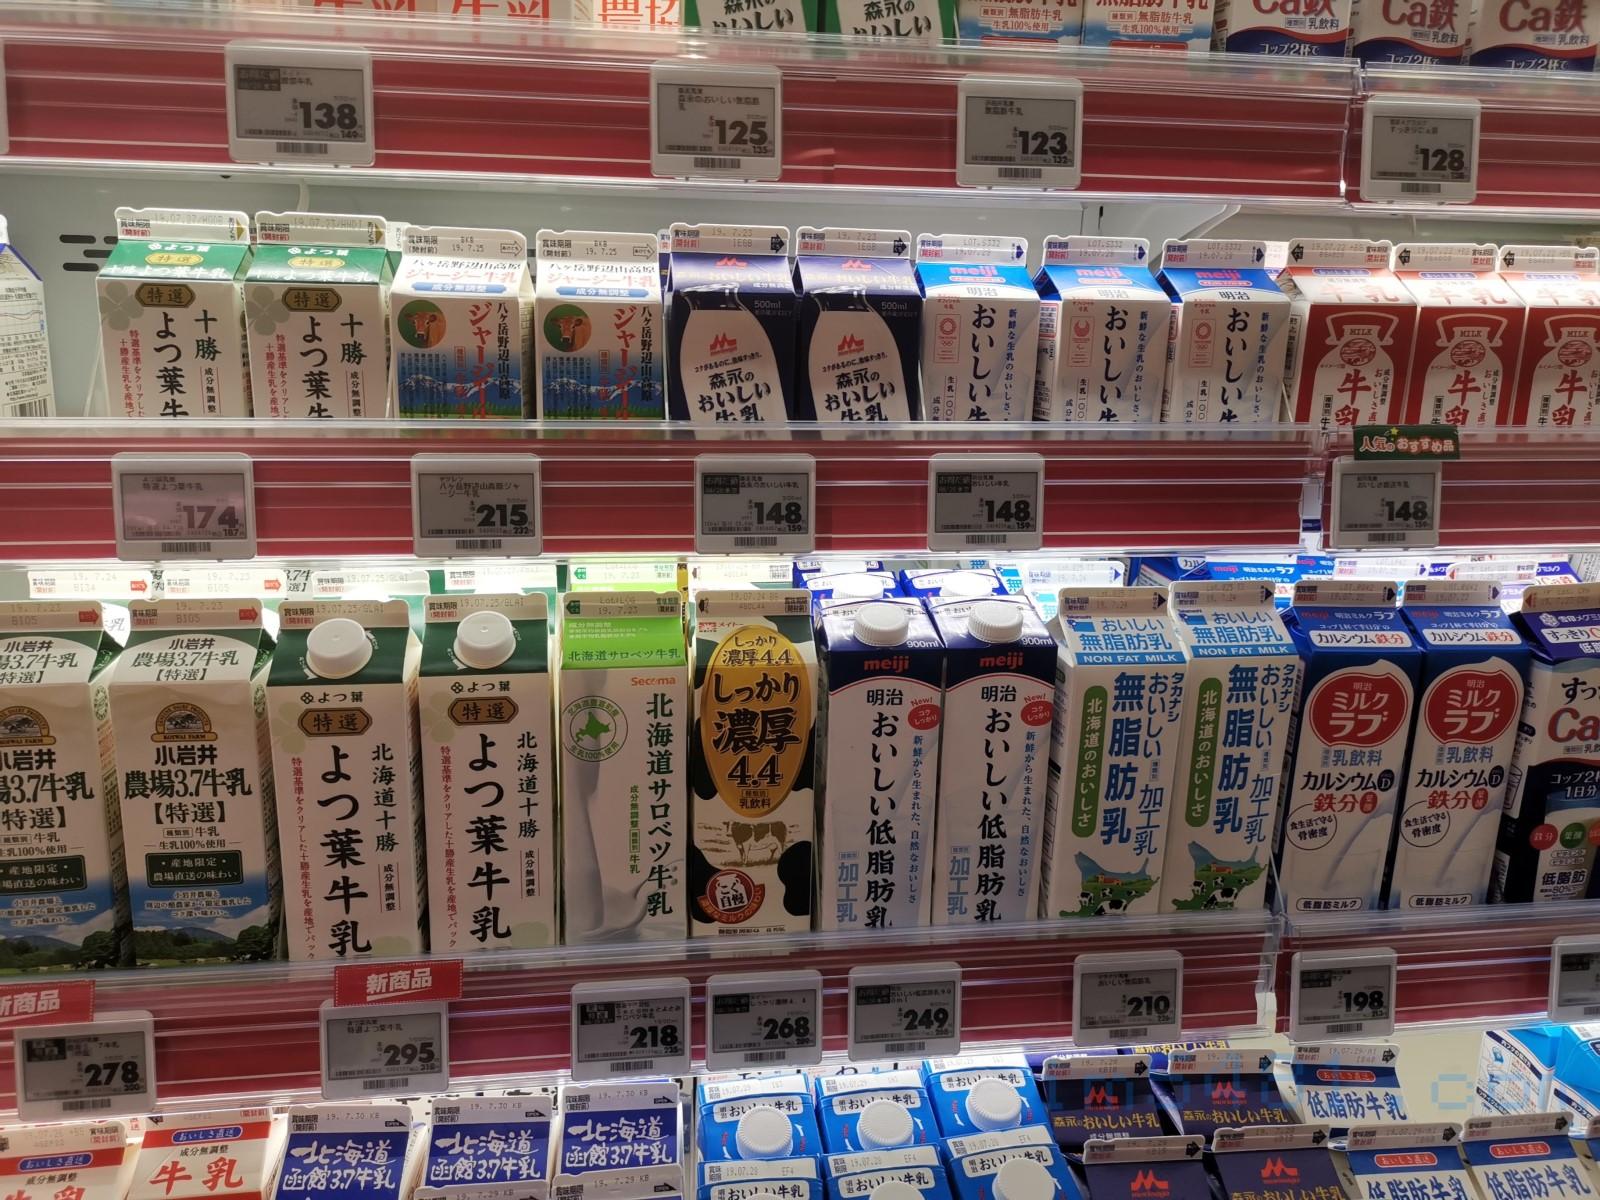 日本超市高價乳品跟加工乳的價格